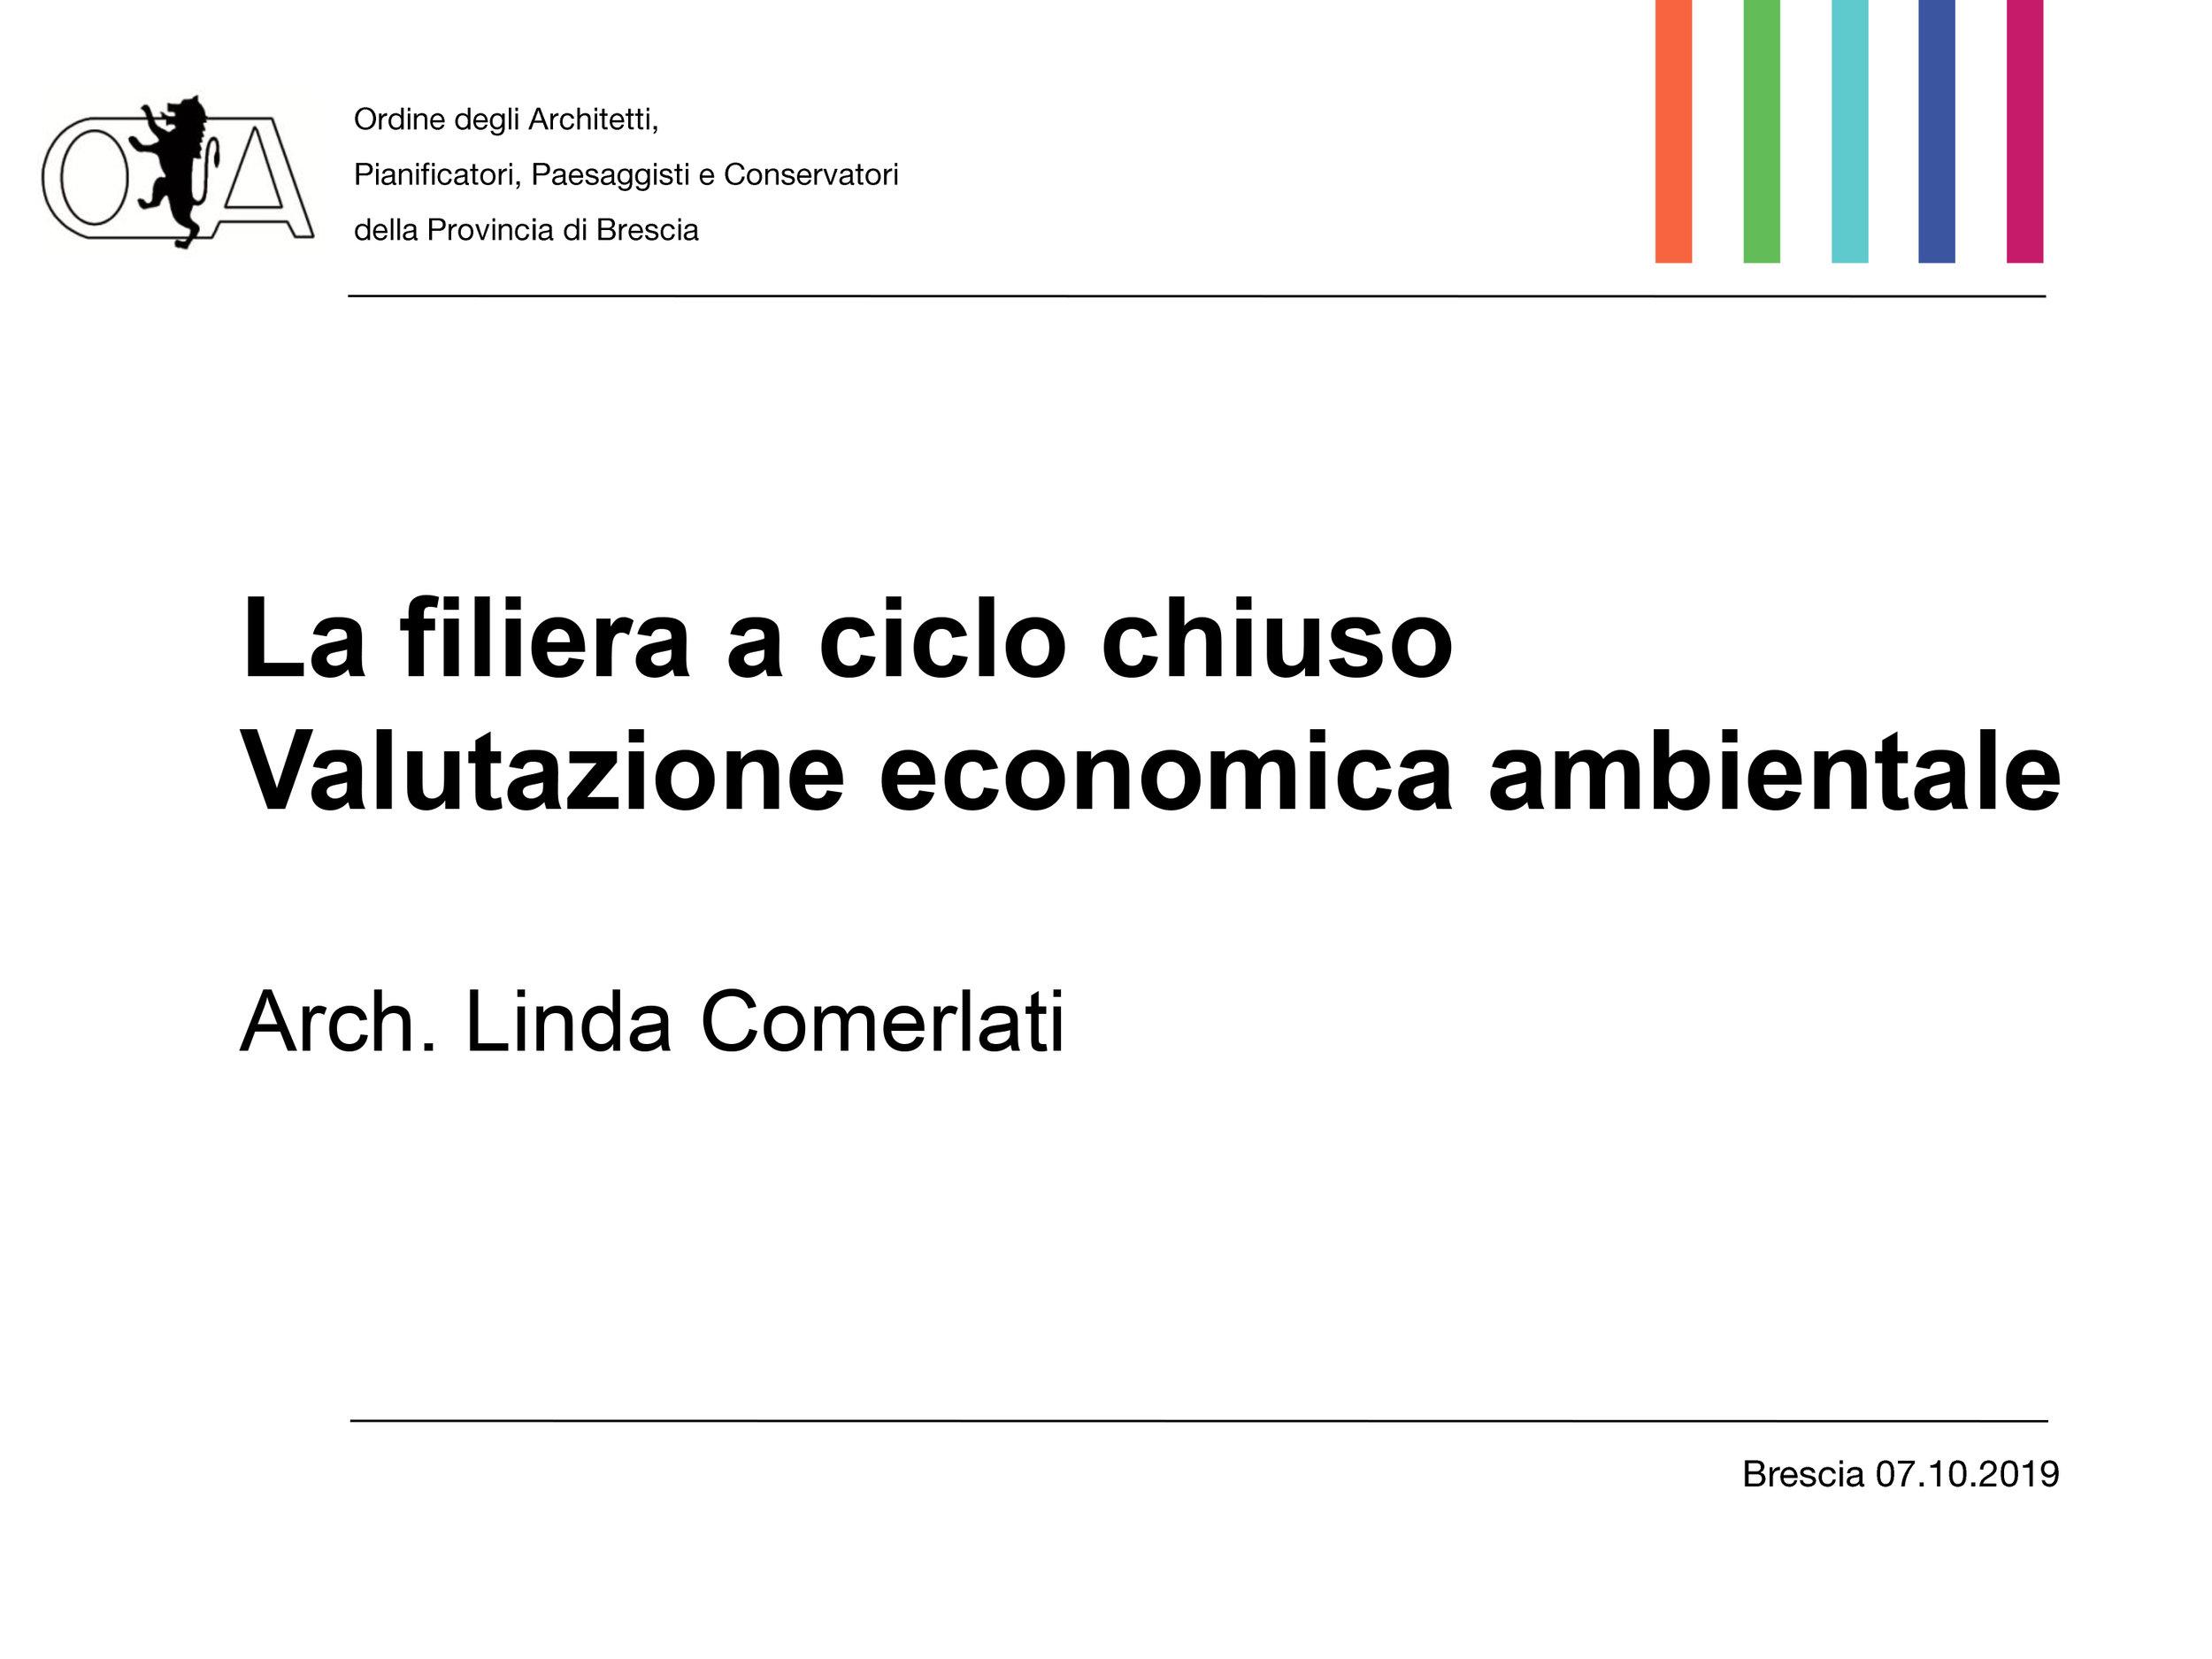 Arch. Linda Comerlati: La filiera a ciclo chiuso. Valutazione economica ambientale